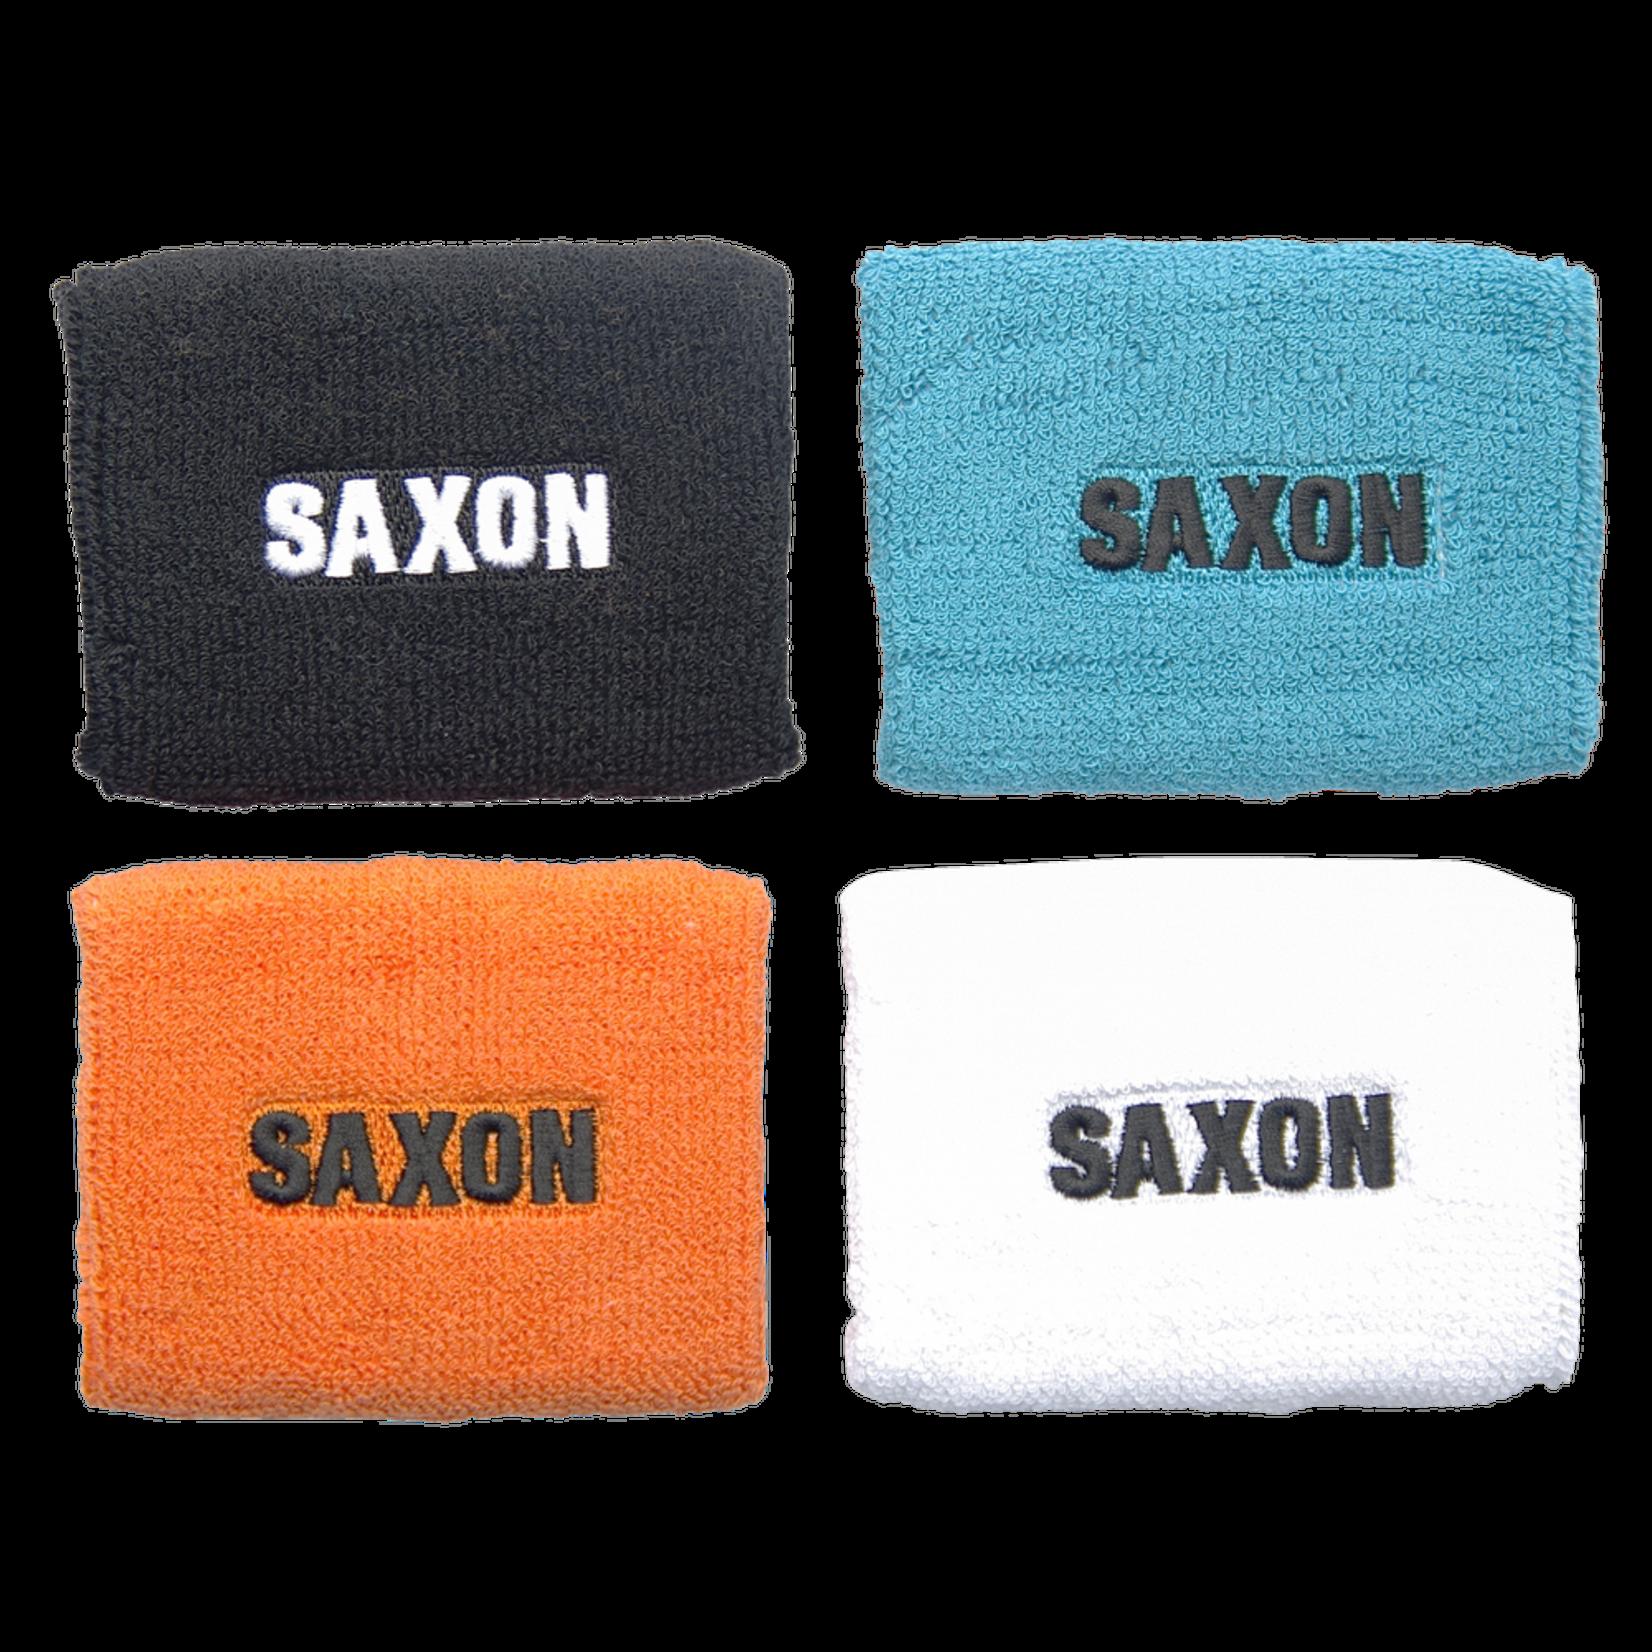 Saxon Polsband